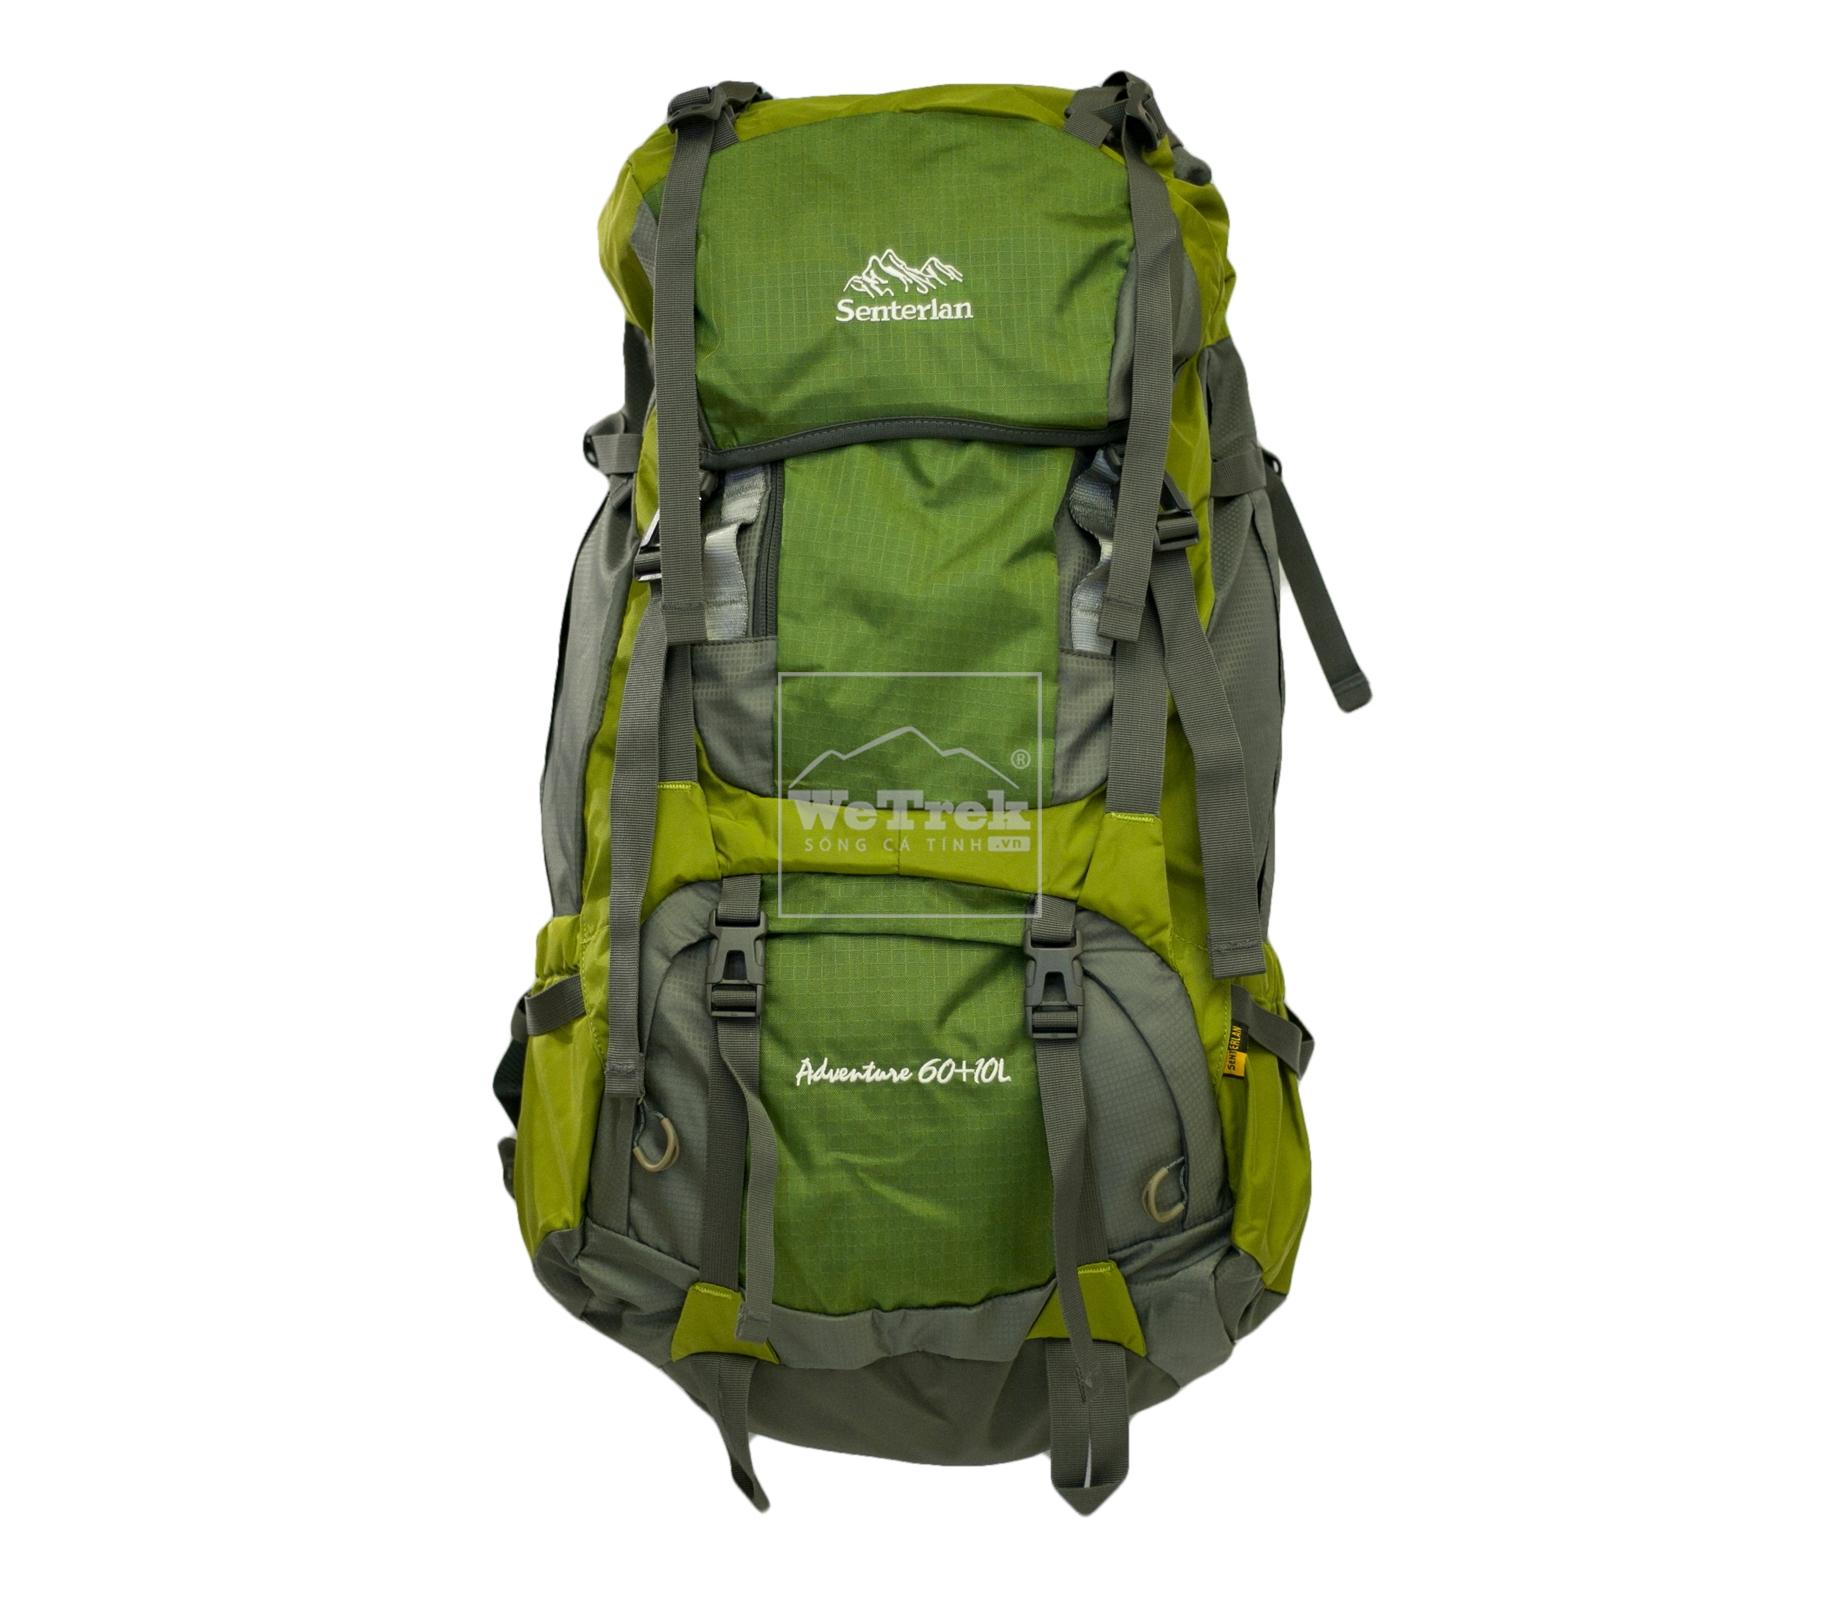 Balo leo núi 60L+10 Senterlan Adventure S2258 - 8431 Xanh lá